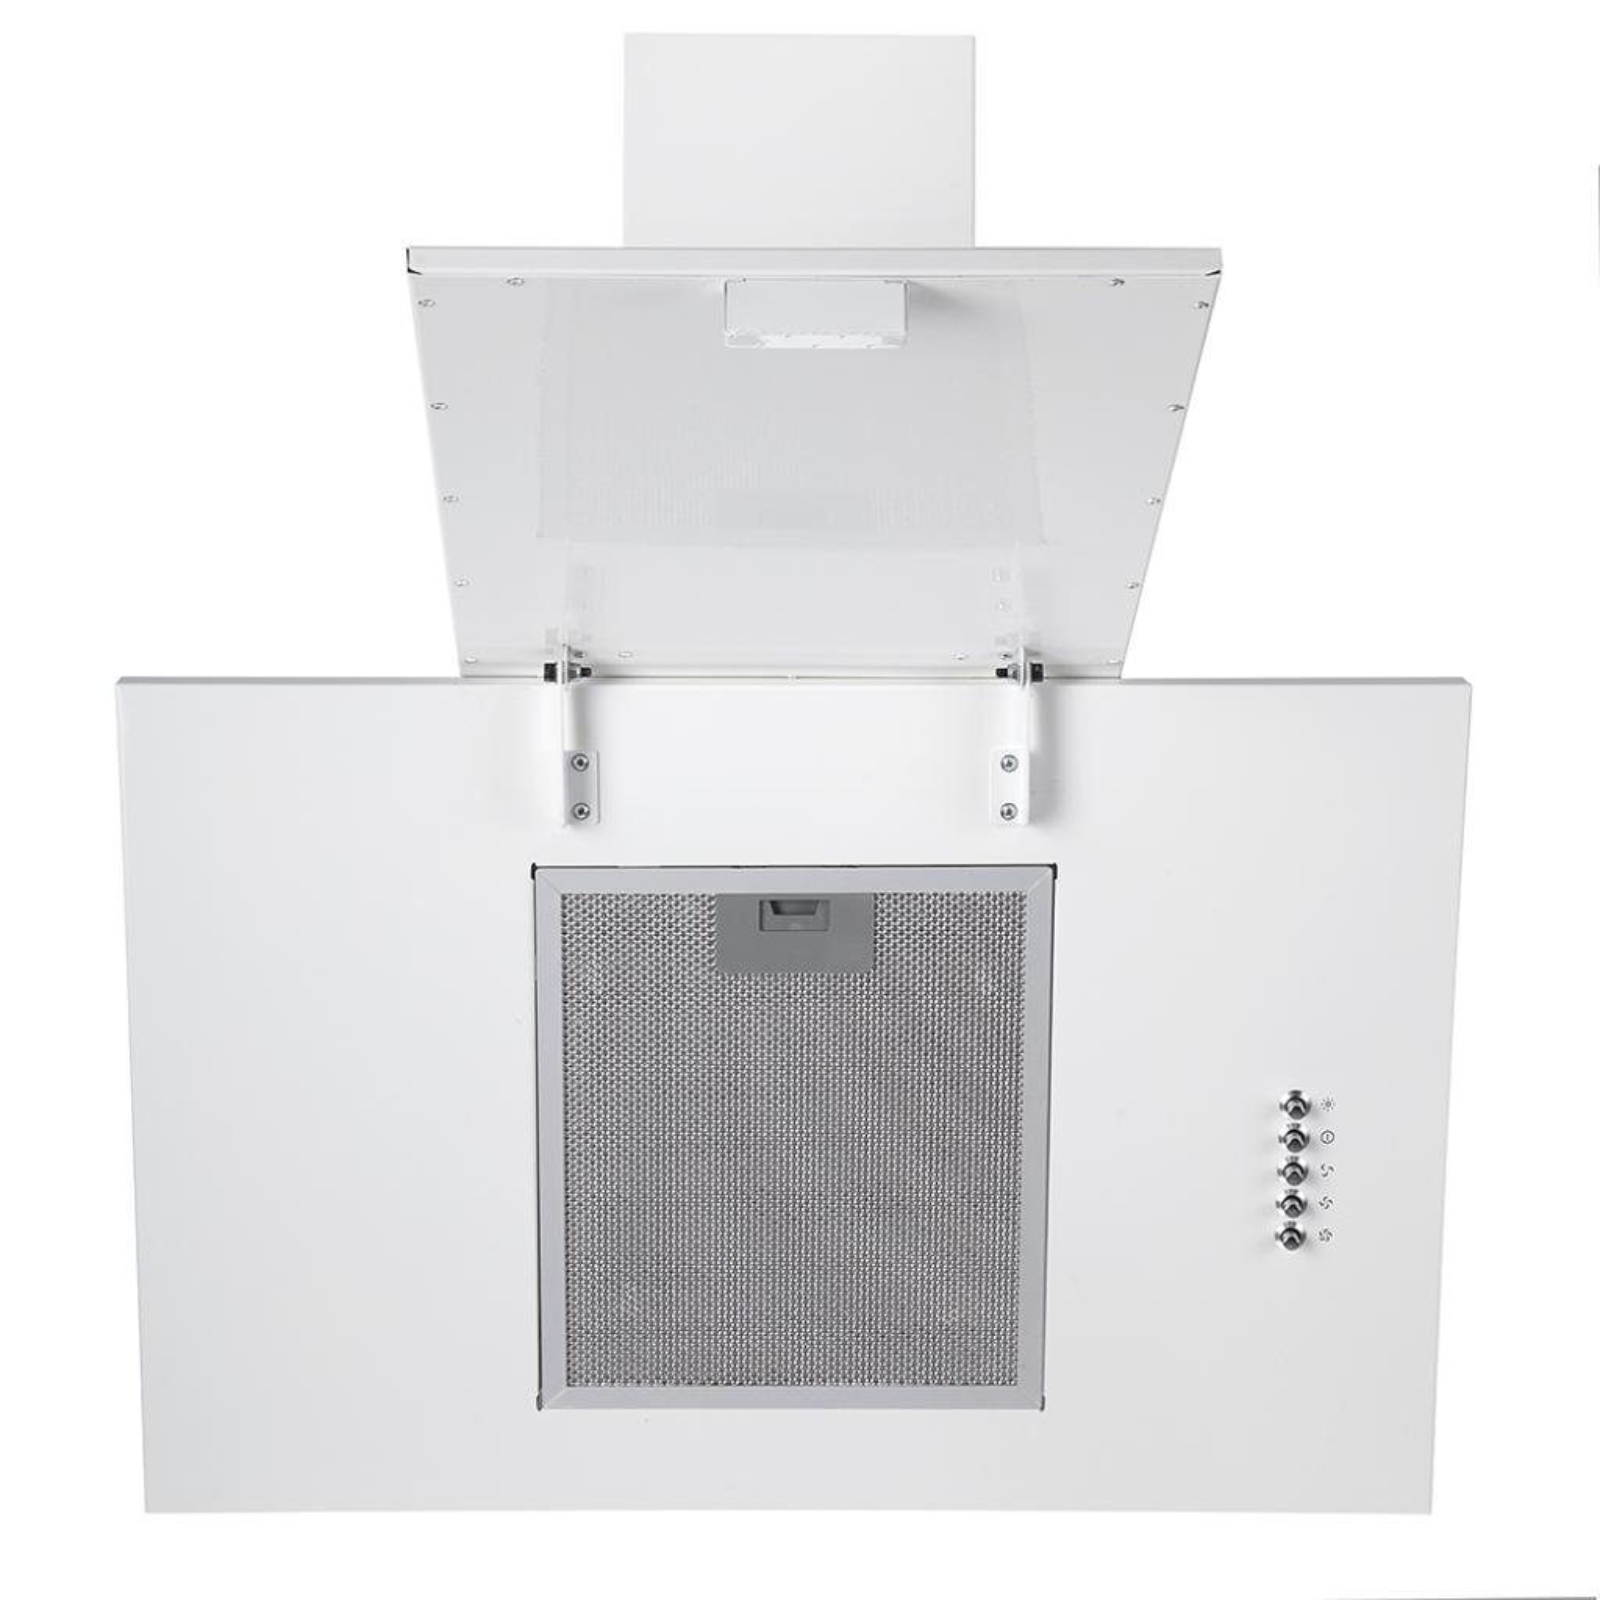 Вытяжка кухонная PYRAMIDA KZ 50 BL изображение 3